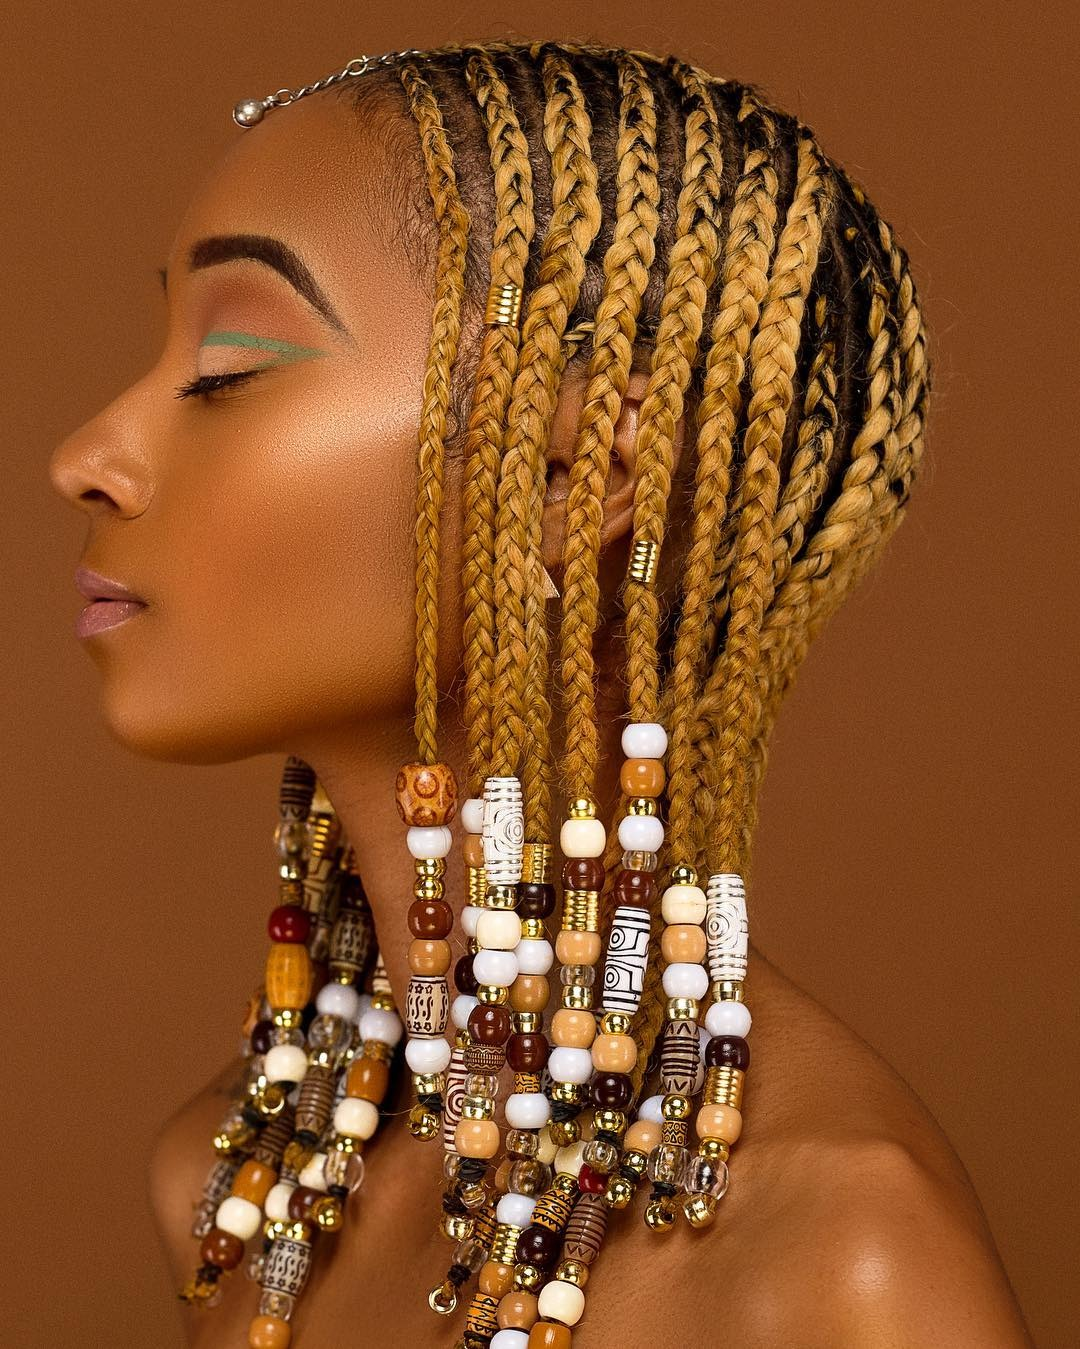 Секущийся волос лечение в домашних условиях